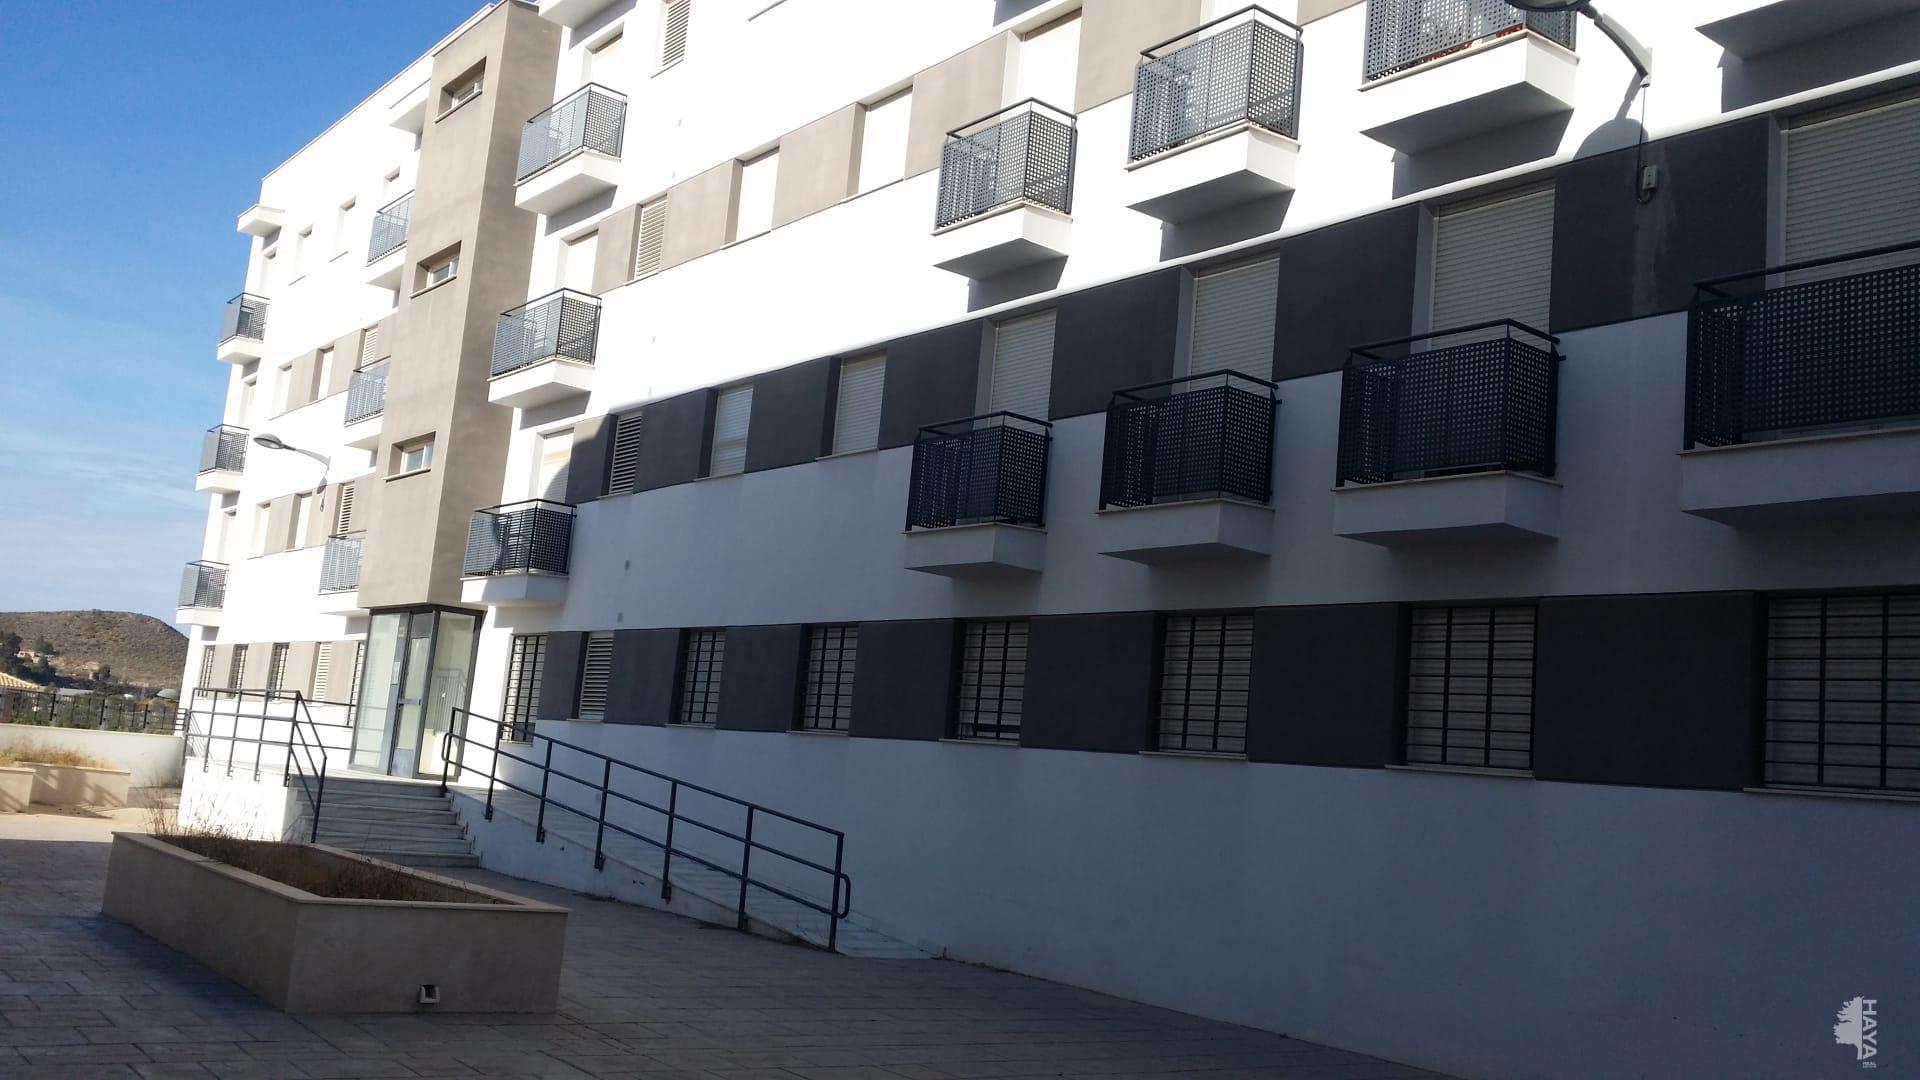 Piso en venta en Olula del Río, Almería, Calle Alta, 59.400 €, 3 habitaciones, 1 baño, 89 m2